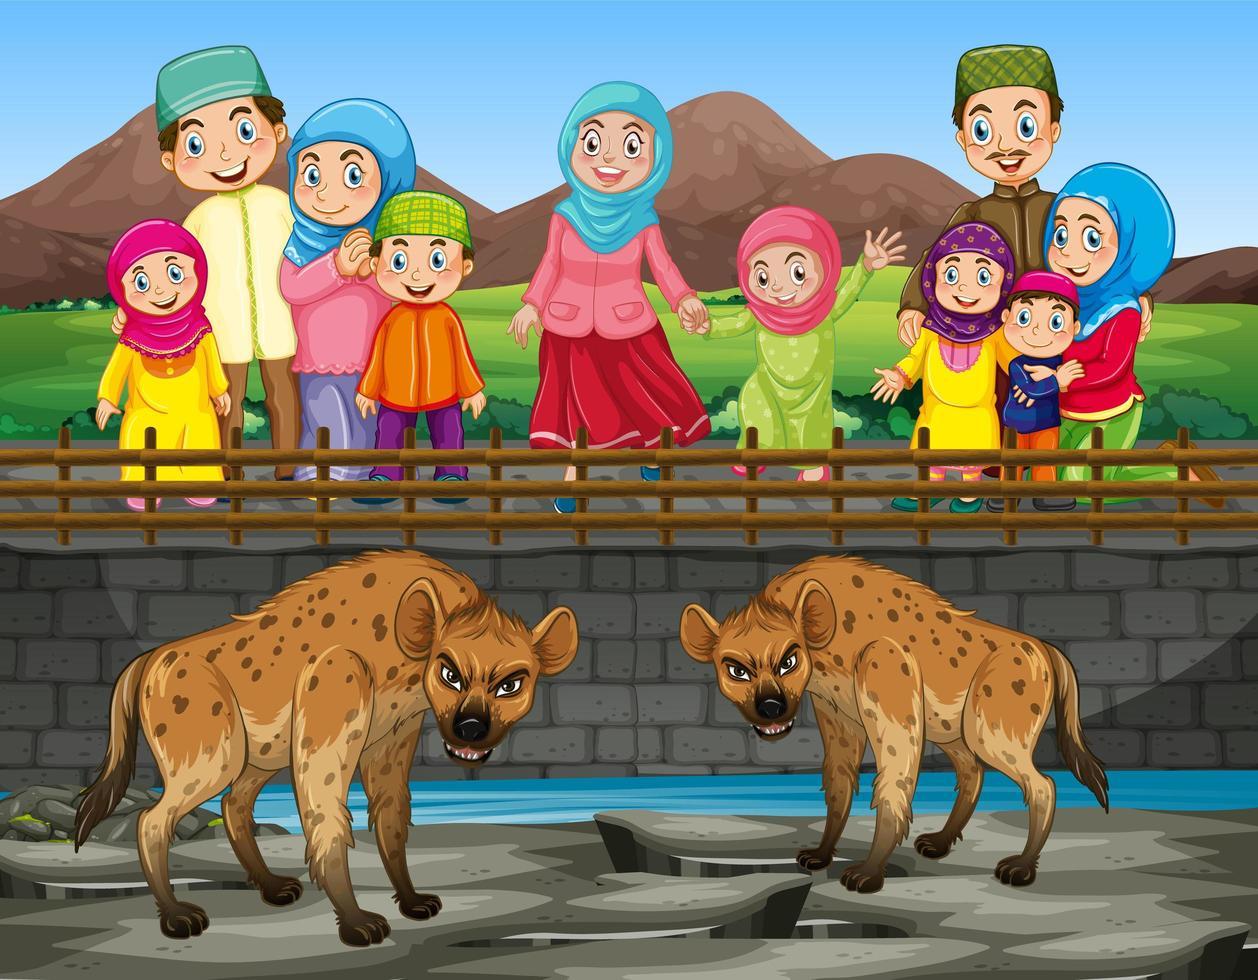 escena con hiena y gente en el zoológico. vector